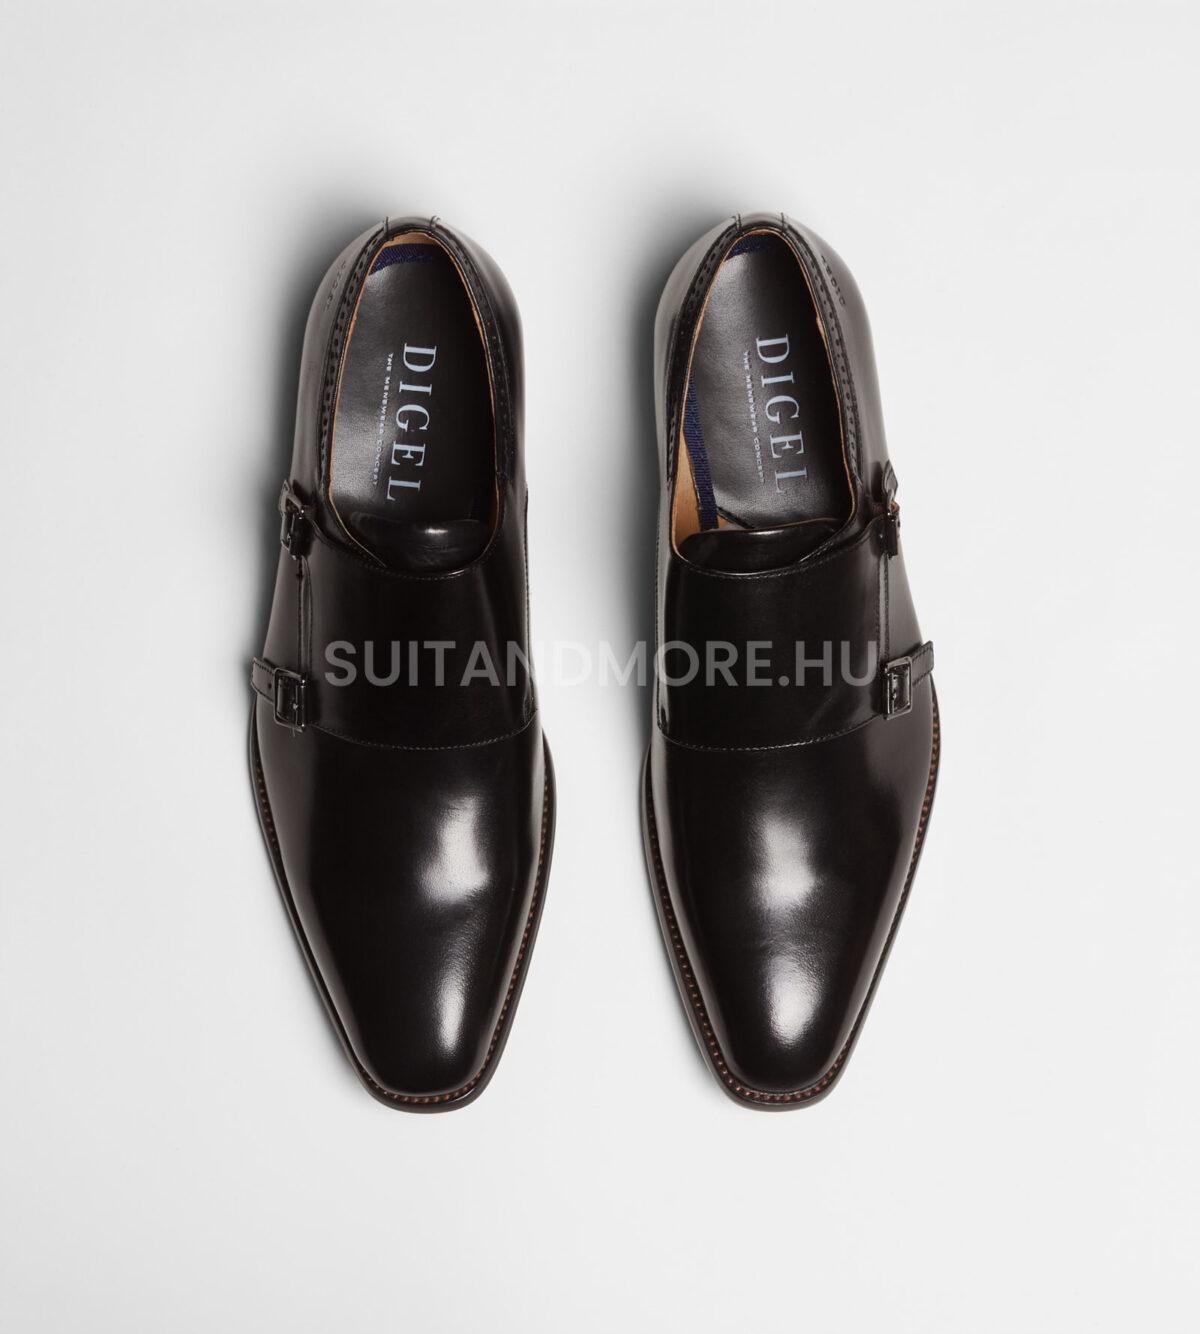 DIGEL-fekete-dupla-csatos-elegáns-cipő-SALOMON-1001908-10-03